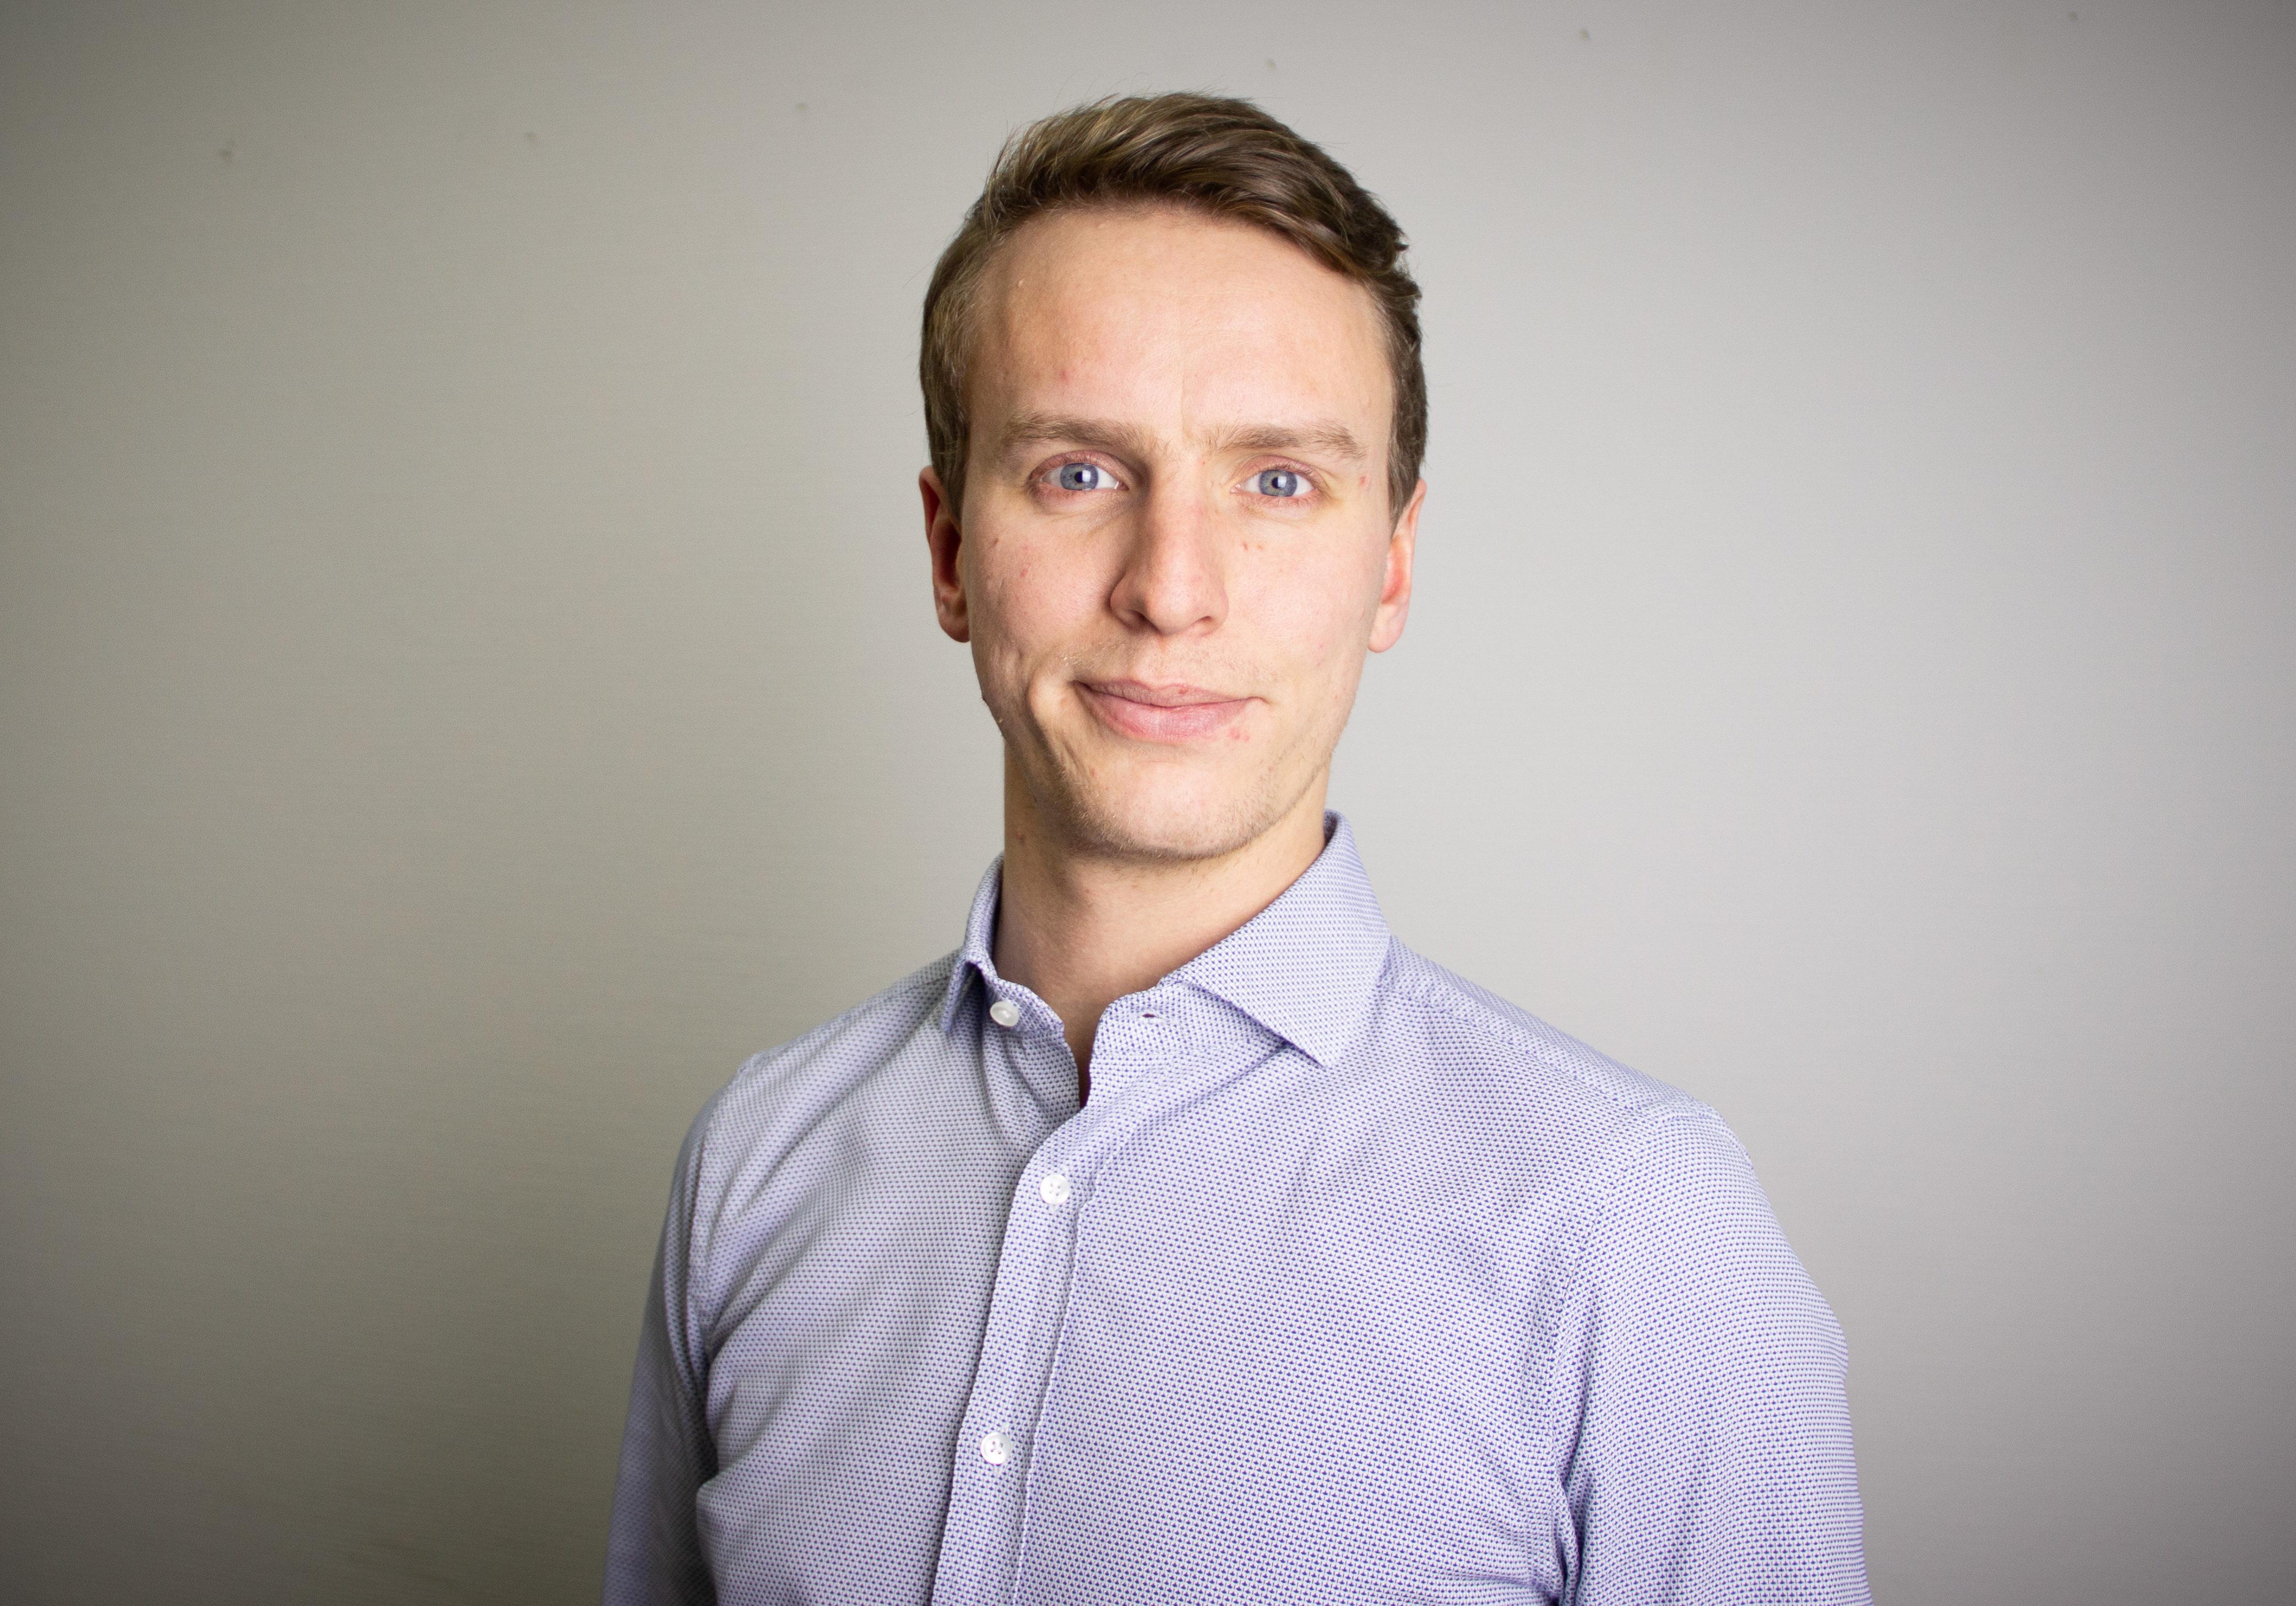 Christian Grauvogel | HIIG